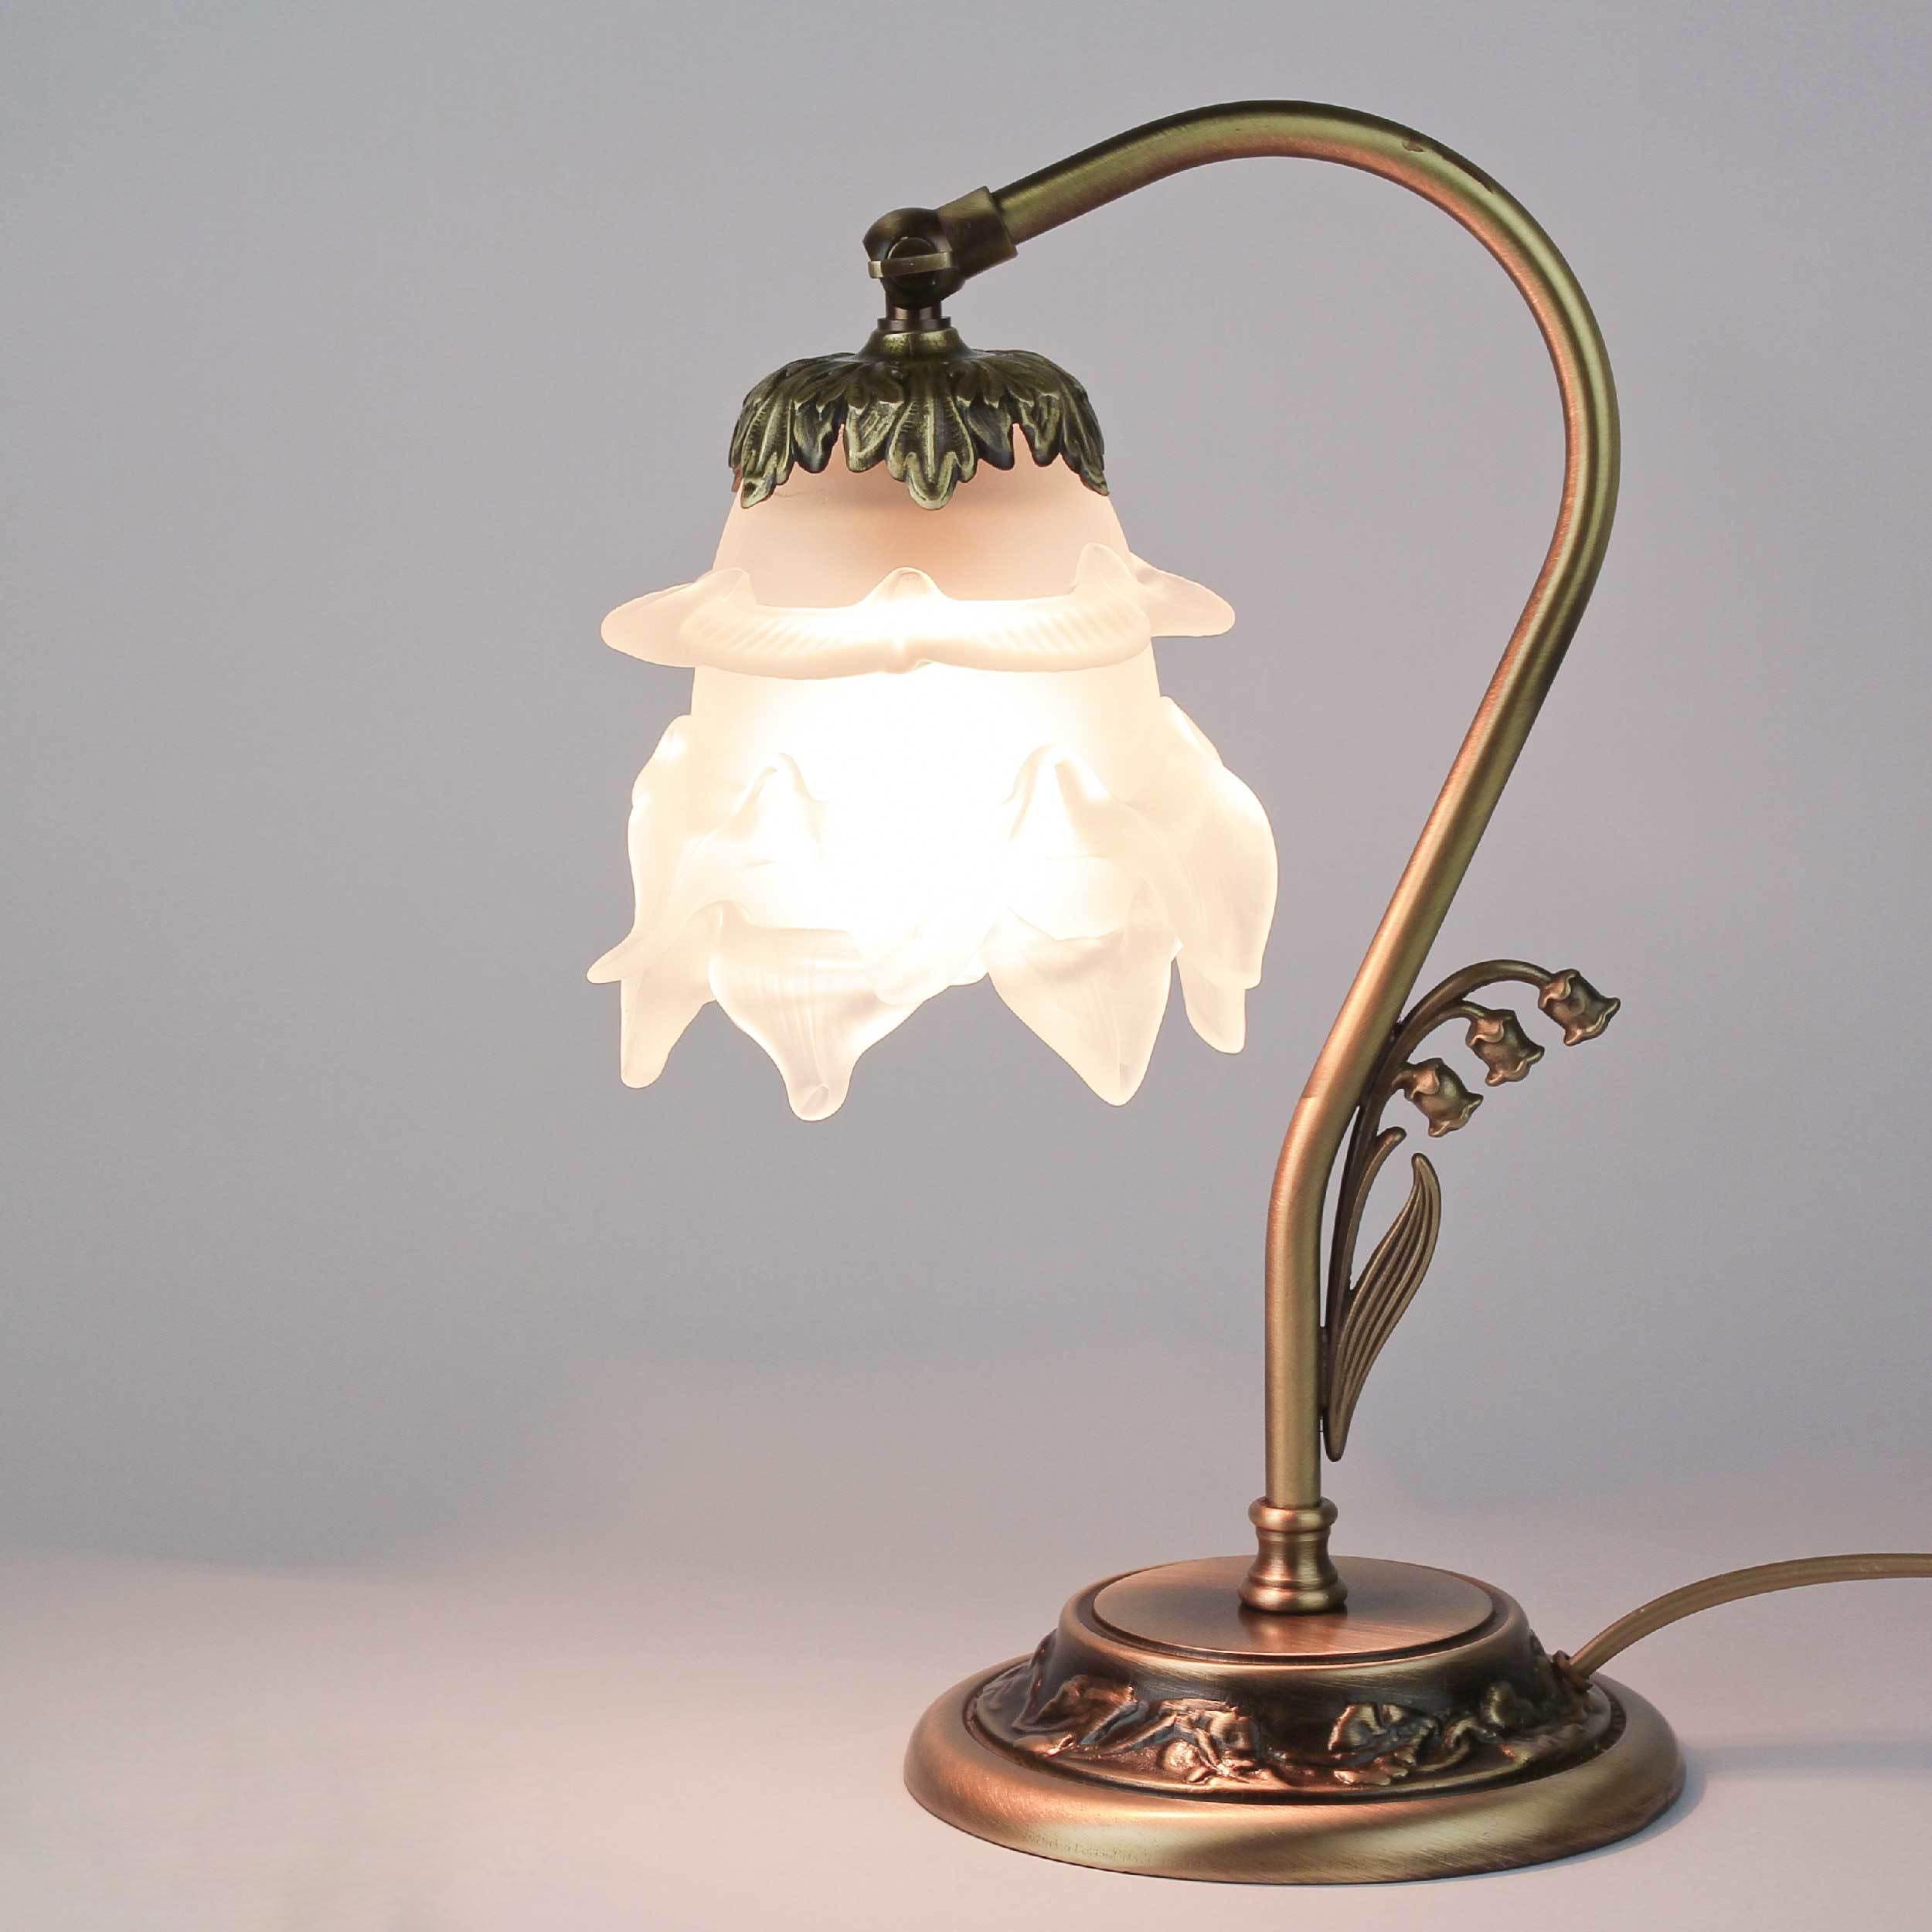 Tischlampe Glasschirm Weiß Echt-Messing Floral